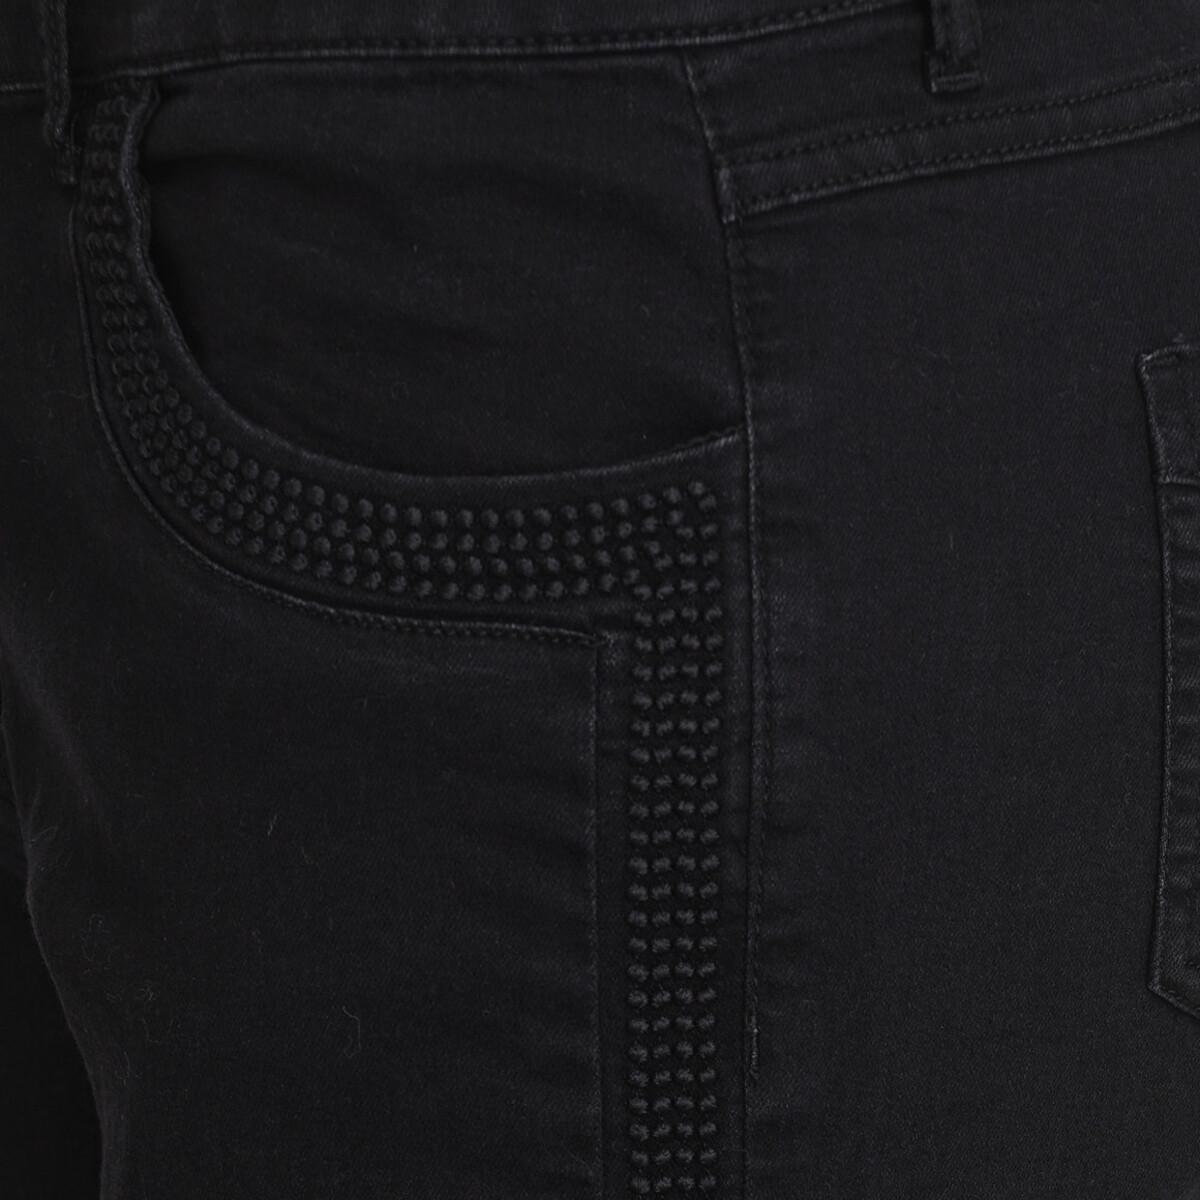 Bild 3 von Damen Slim-Jeans mit Galonstreifen